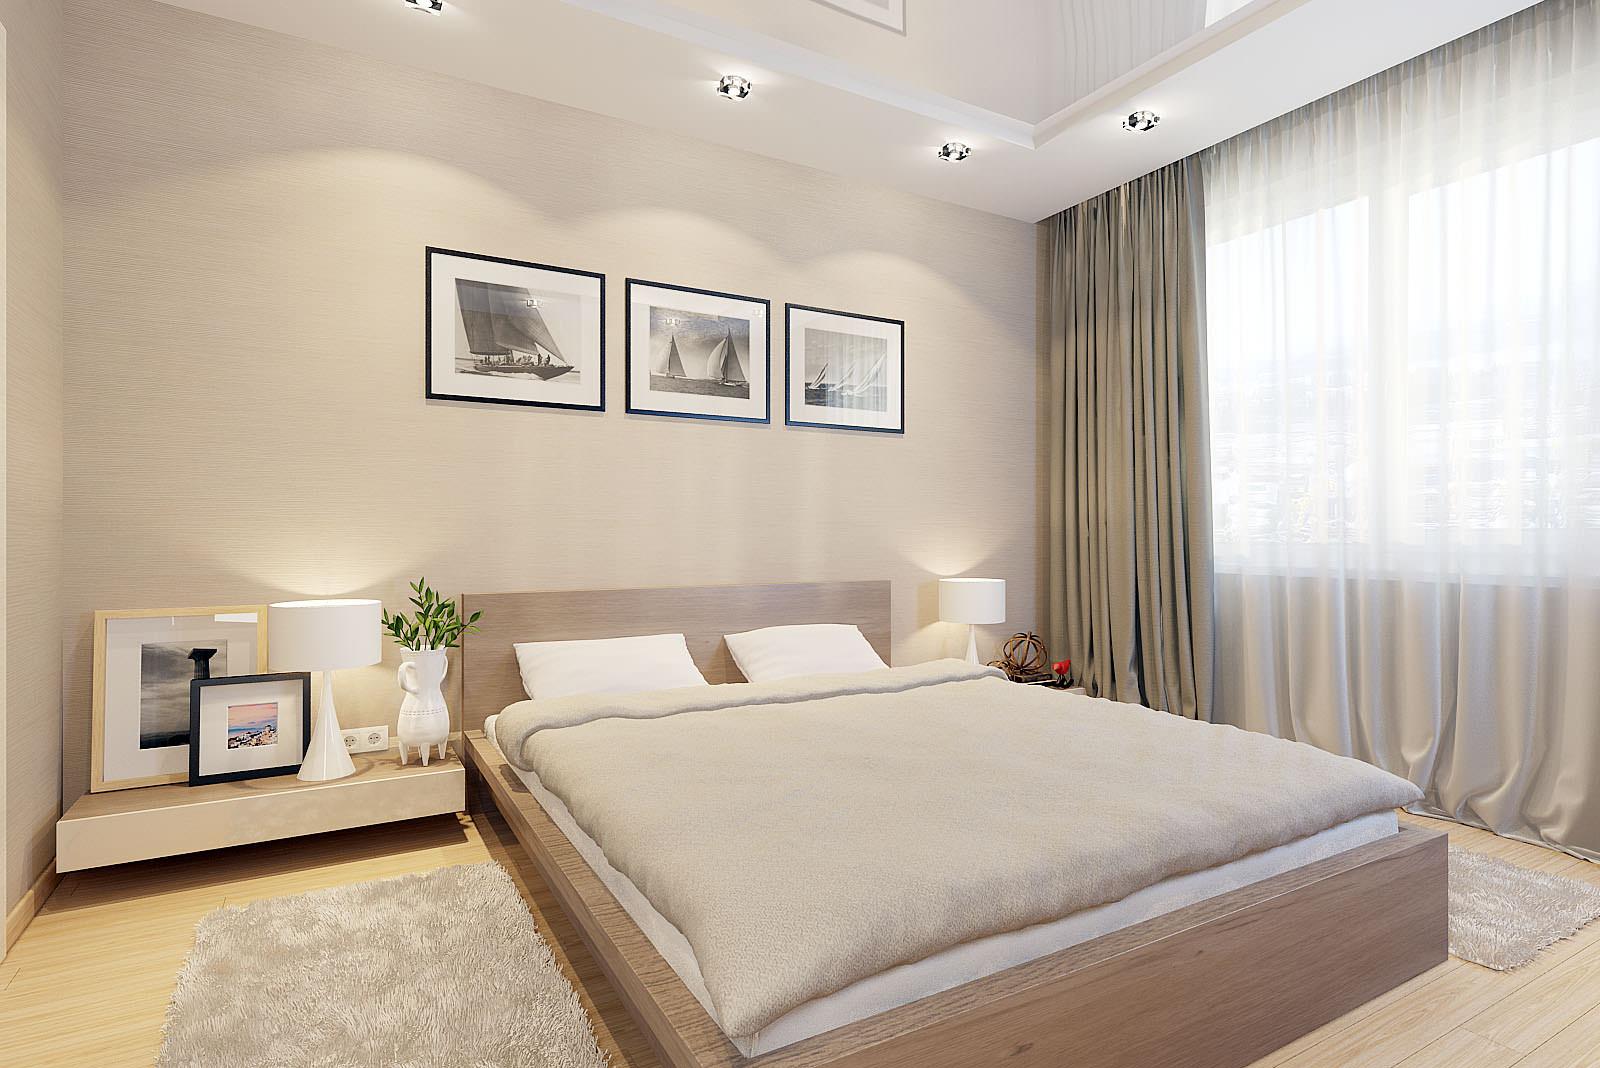 спальня в бежевых тонах с картинами над кроватью, стиль минимализм